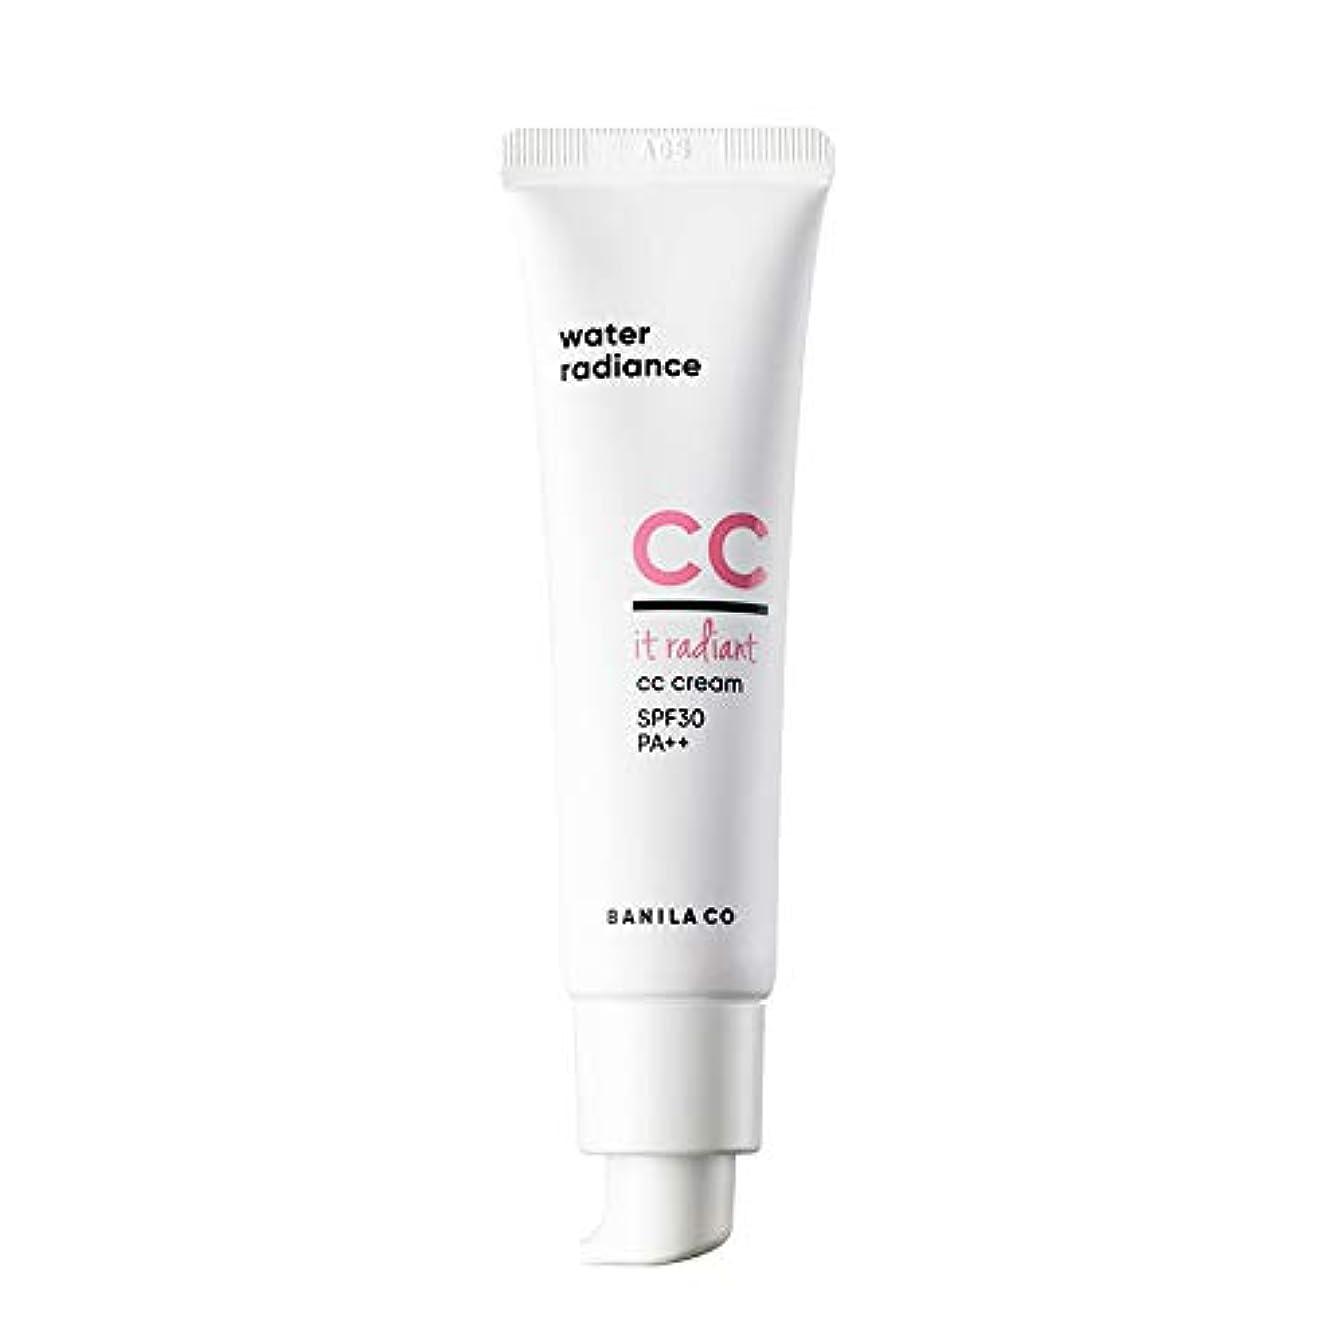 チャネル魅力的であることへのアピール風景BANILA CO(バニラコ) イットレディアント ccクリーム It Radiant CC Cream